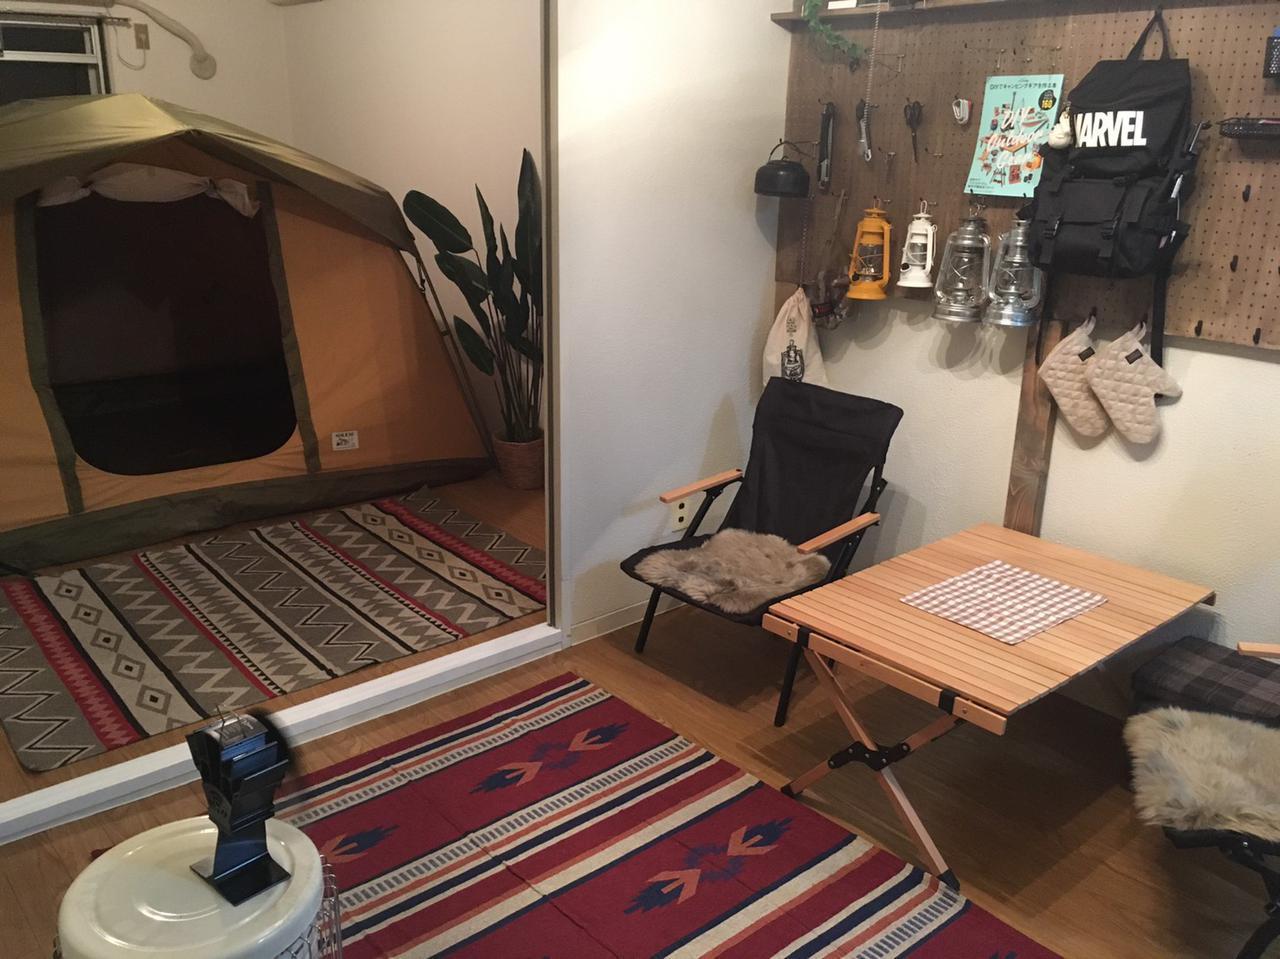 画像: 寒い冬はおうちで「部屋キャンプ」してみよう!家でも手軽にキャンプ気分を味わう方法を紹介 - ハピキャン(HAPPY CAMPER)